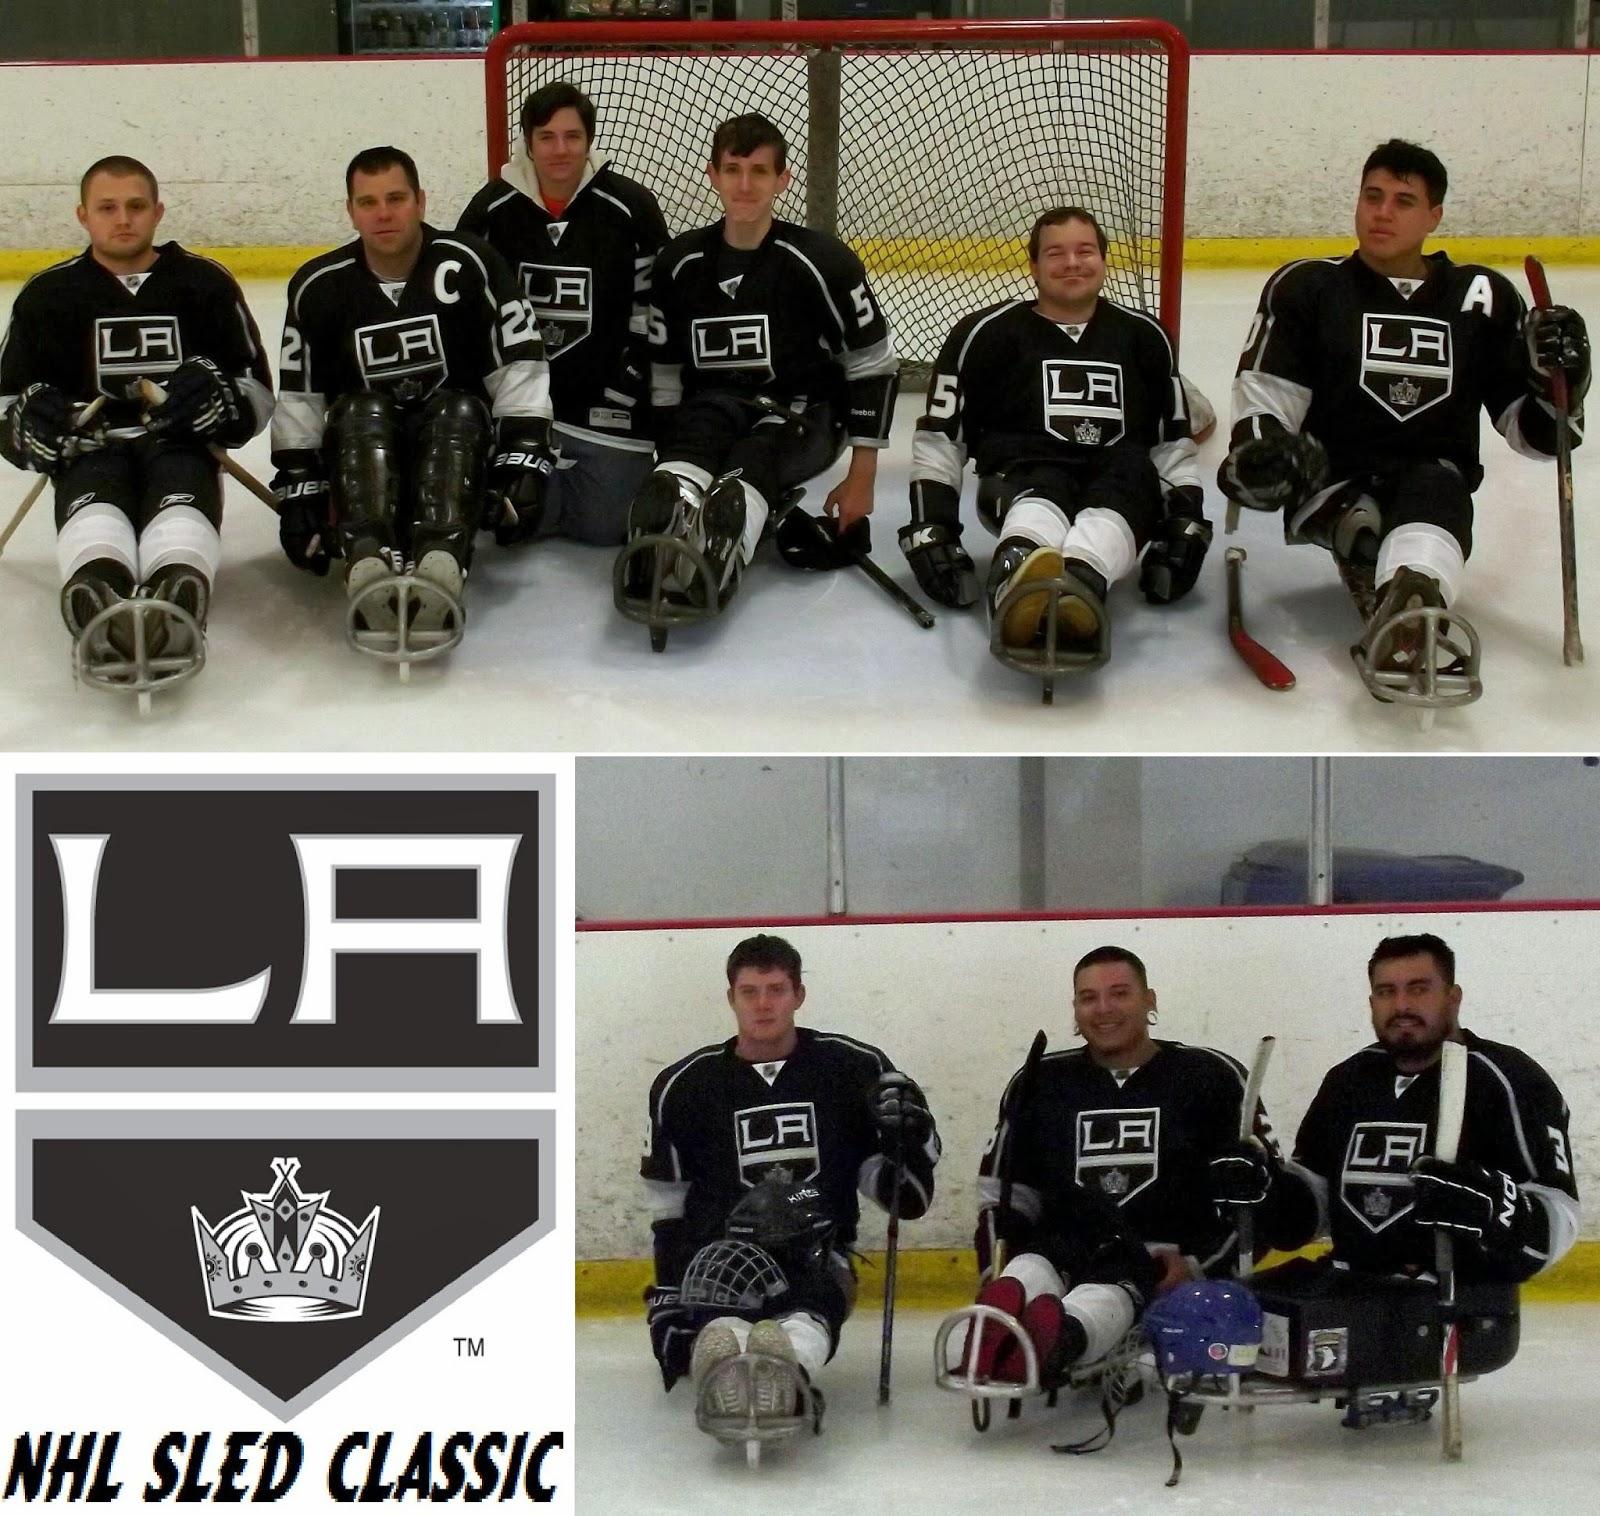 Socal Sled Hockey Nhl Sled Classic In Pittsburgh